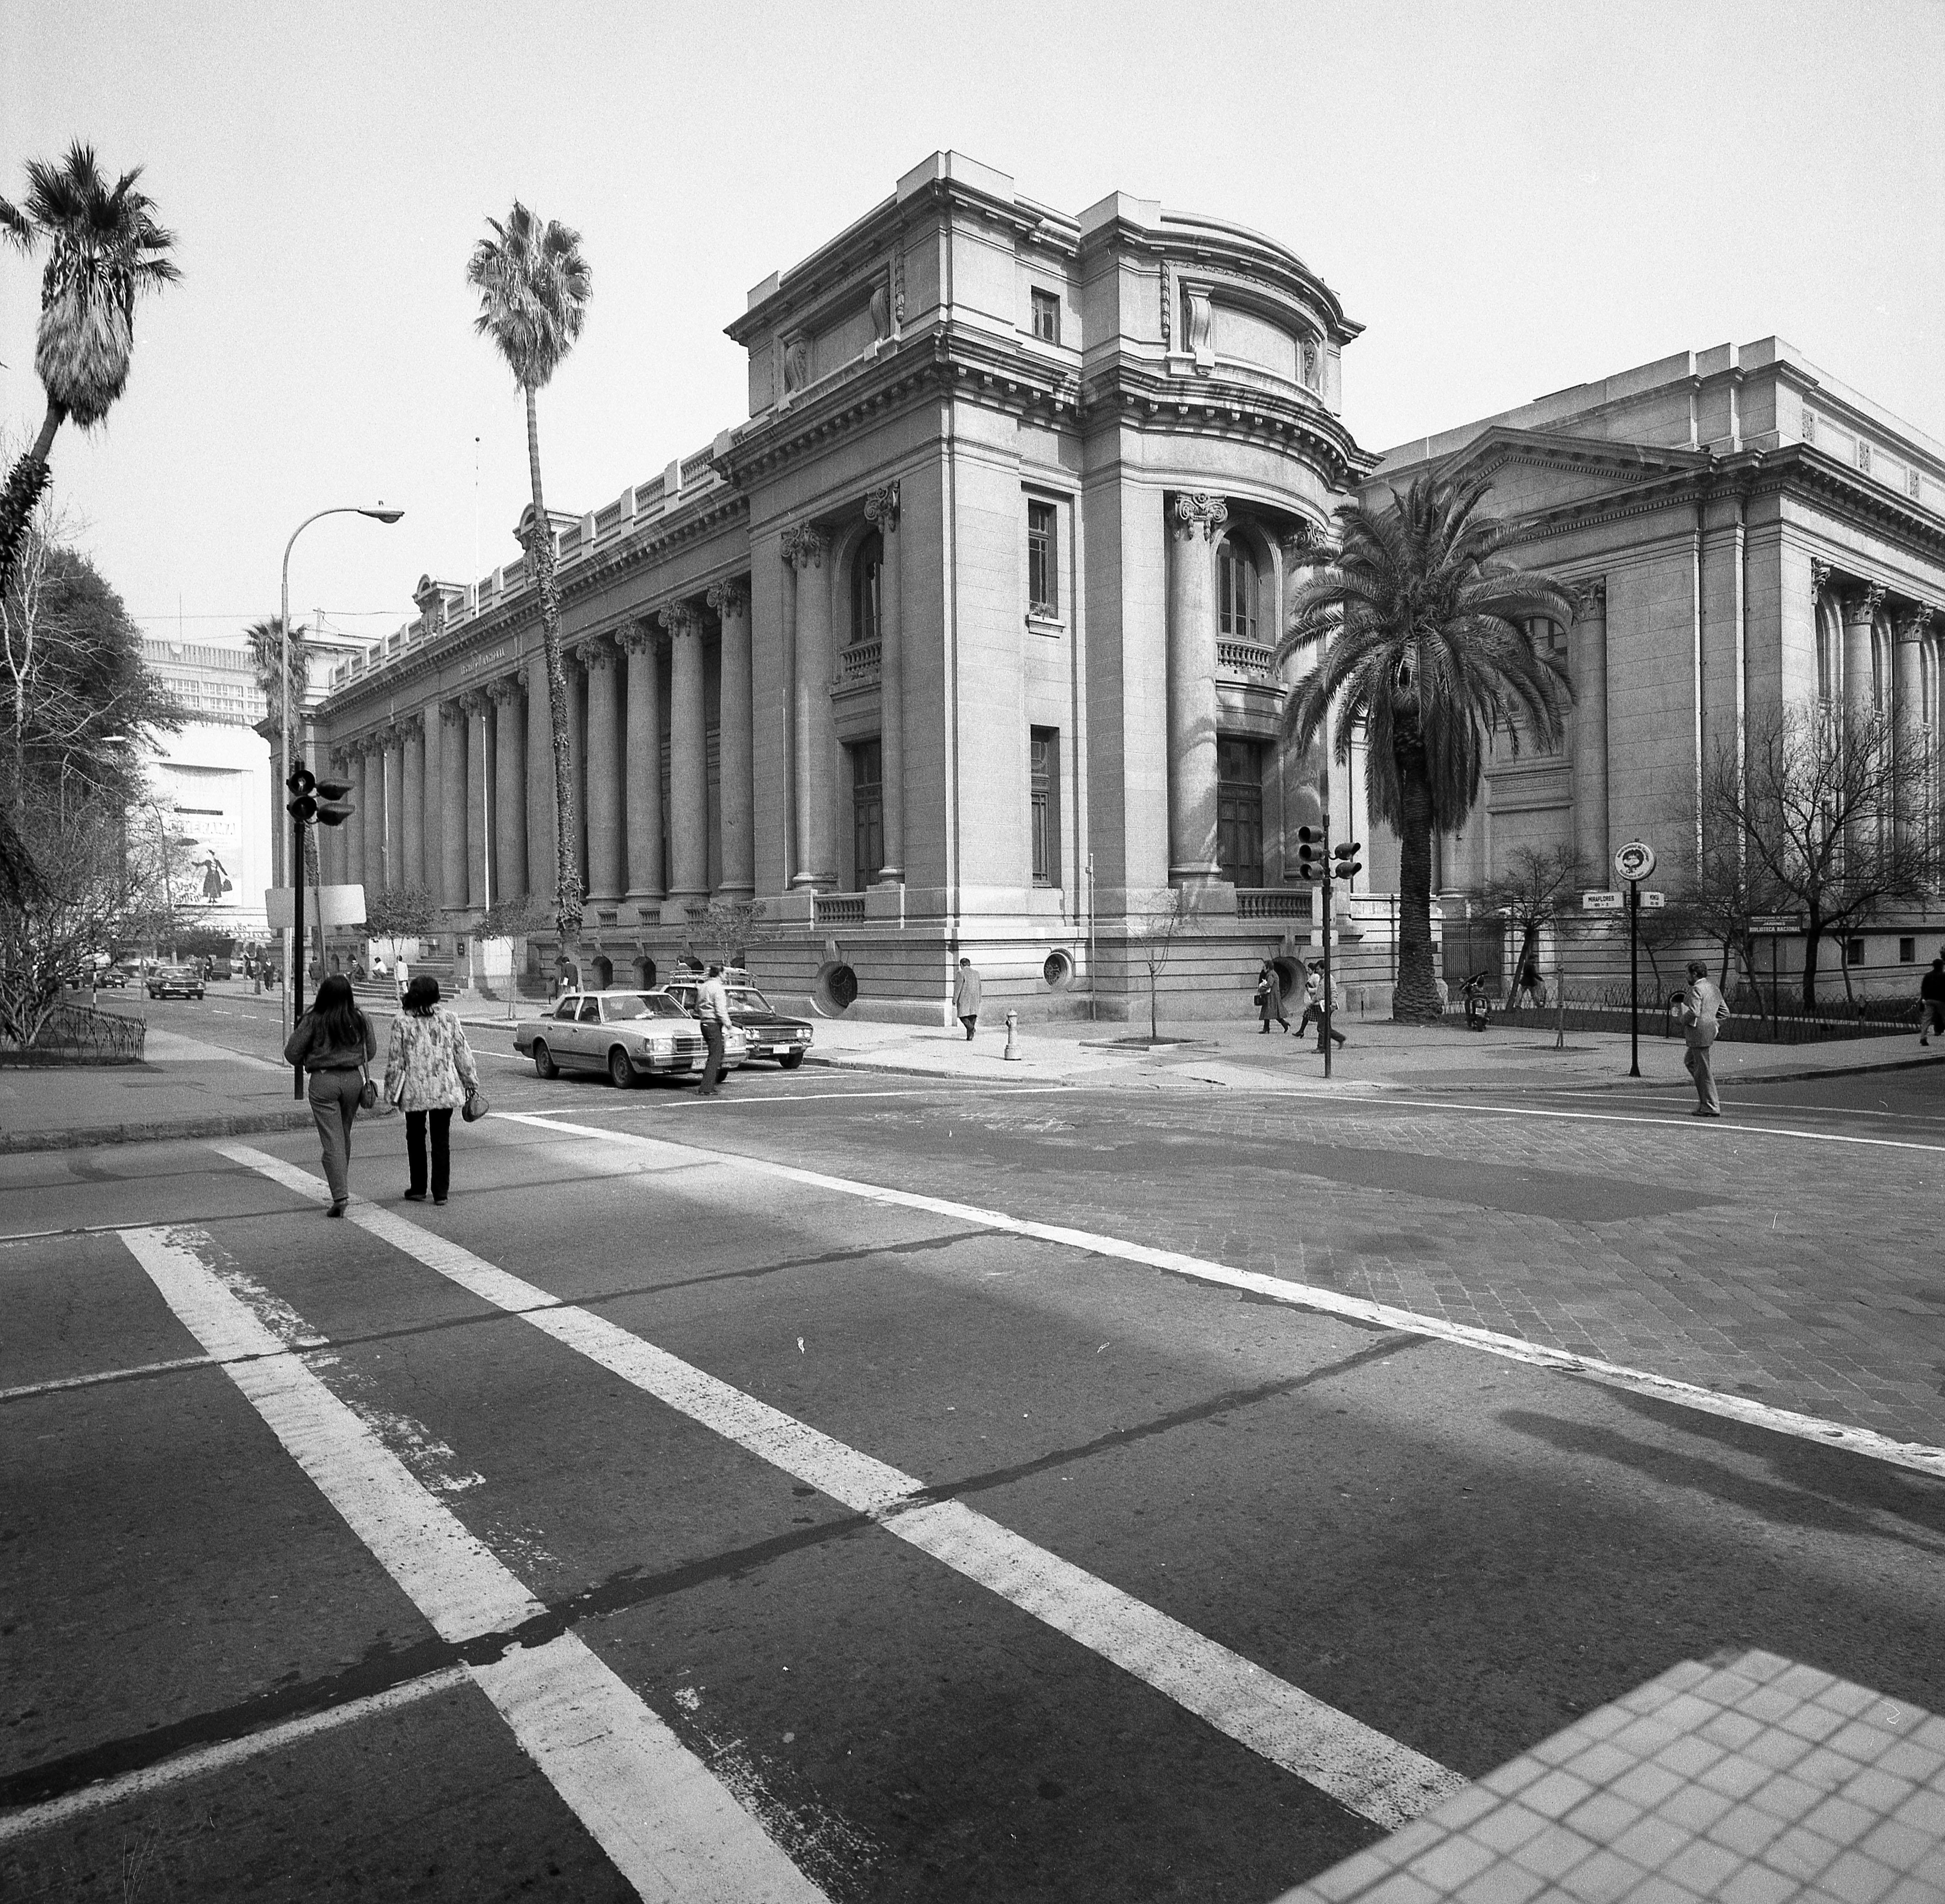 Enterreno - Fotos históricas de chile - fotos antiguas de Chile - Archivo Nacional de Chile, 1975